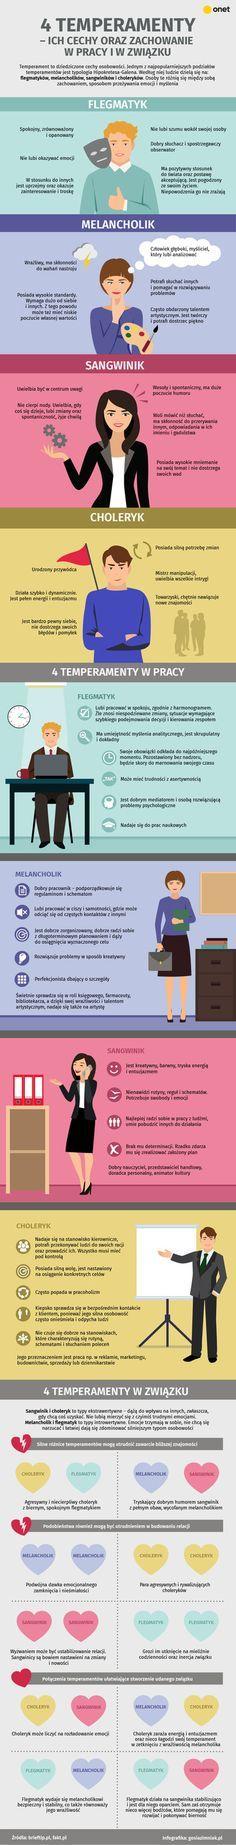 Temperament to dziedziczone cechy osobowości. Który z 4 temperamentów najlepiej opisuje ciebie? Jaki ma to wpływ na twoje zachowanie w pracy? Z kim powinieneś wchodzić w związki, by były one długie i szczęśliwe? Wszystkiego dowiesz się z naszej infografiki!